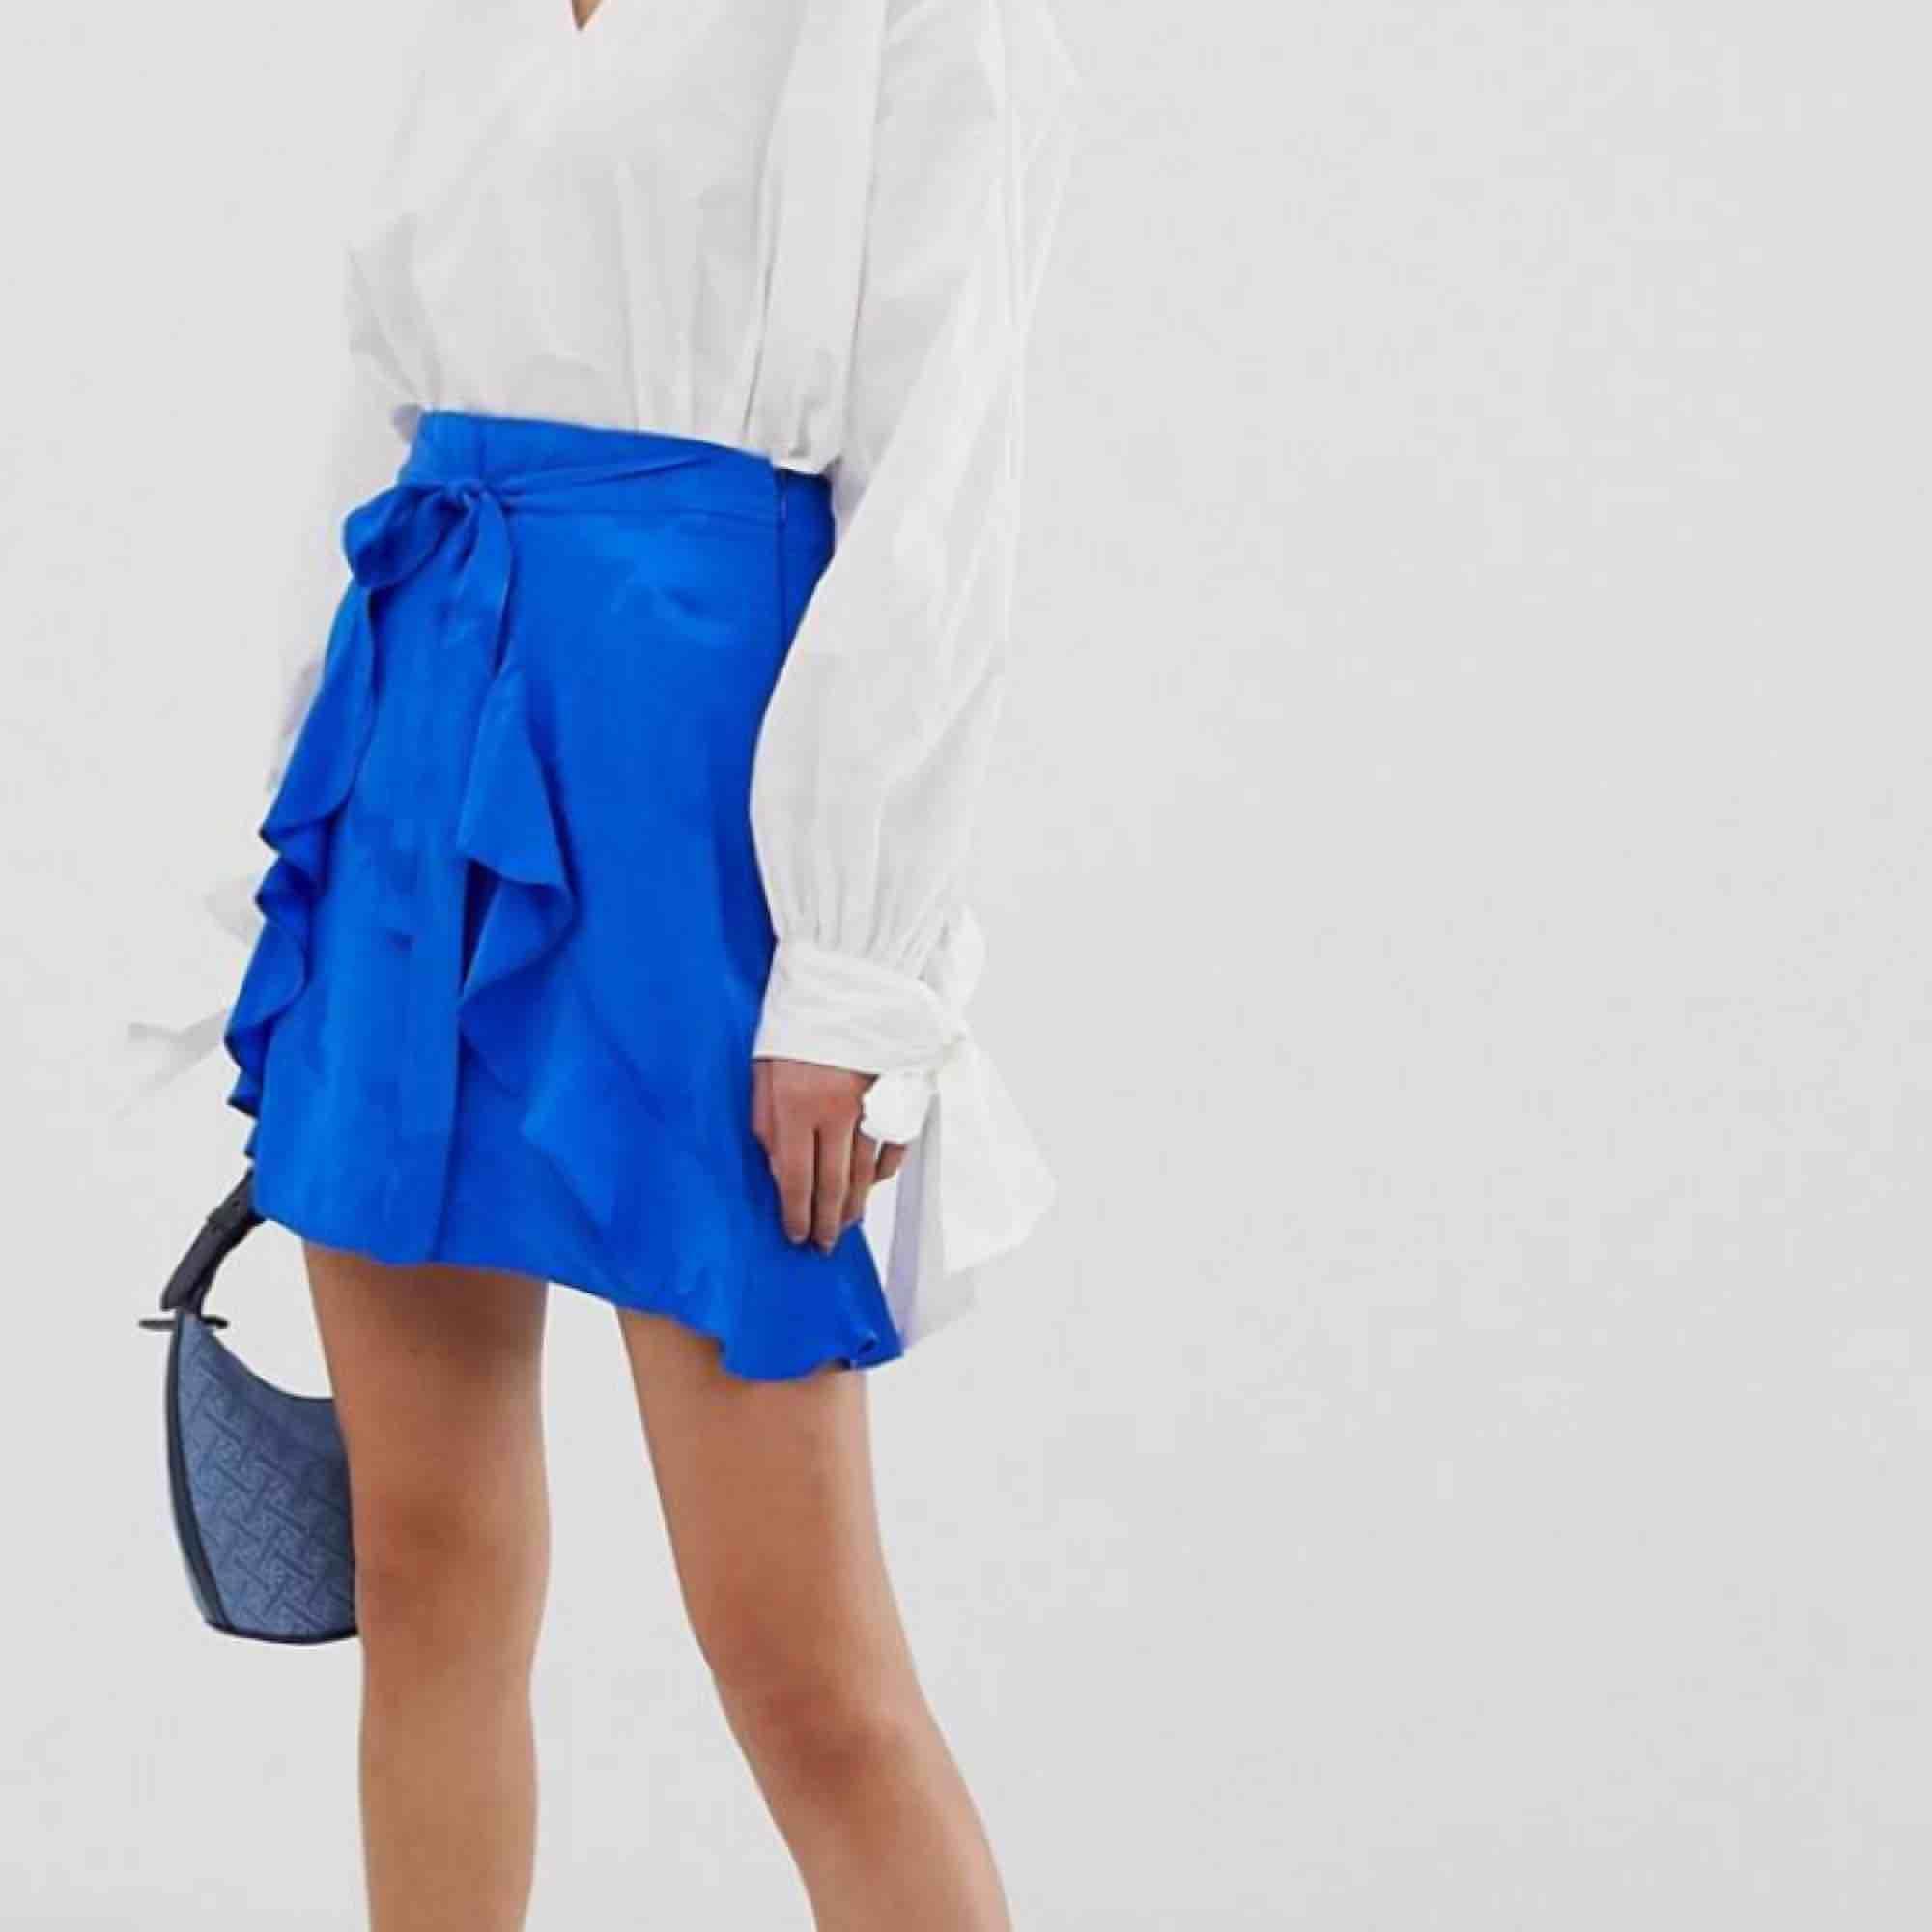 Blå wrap kjol i satin liknade material, endast använd fåtal gånger. Frakt 50kr😊. Kjolar.